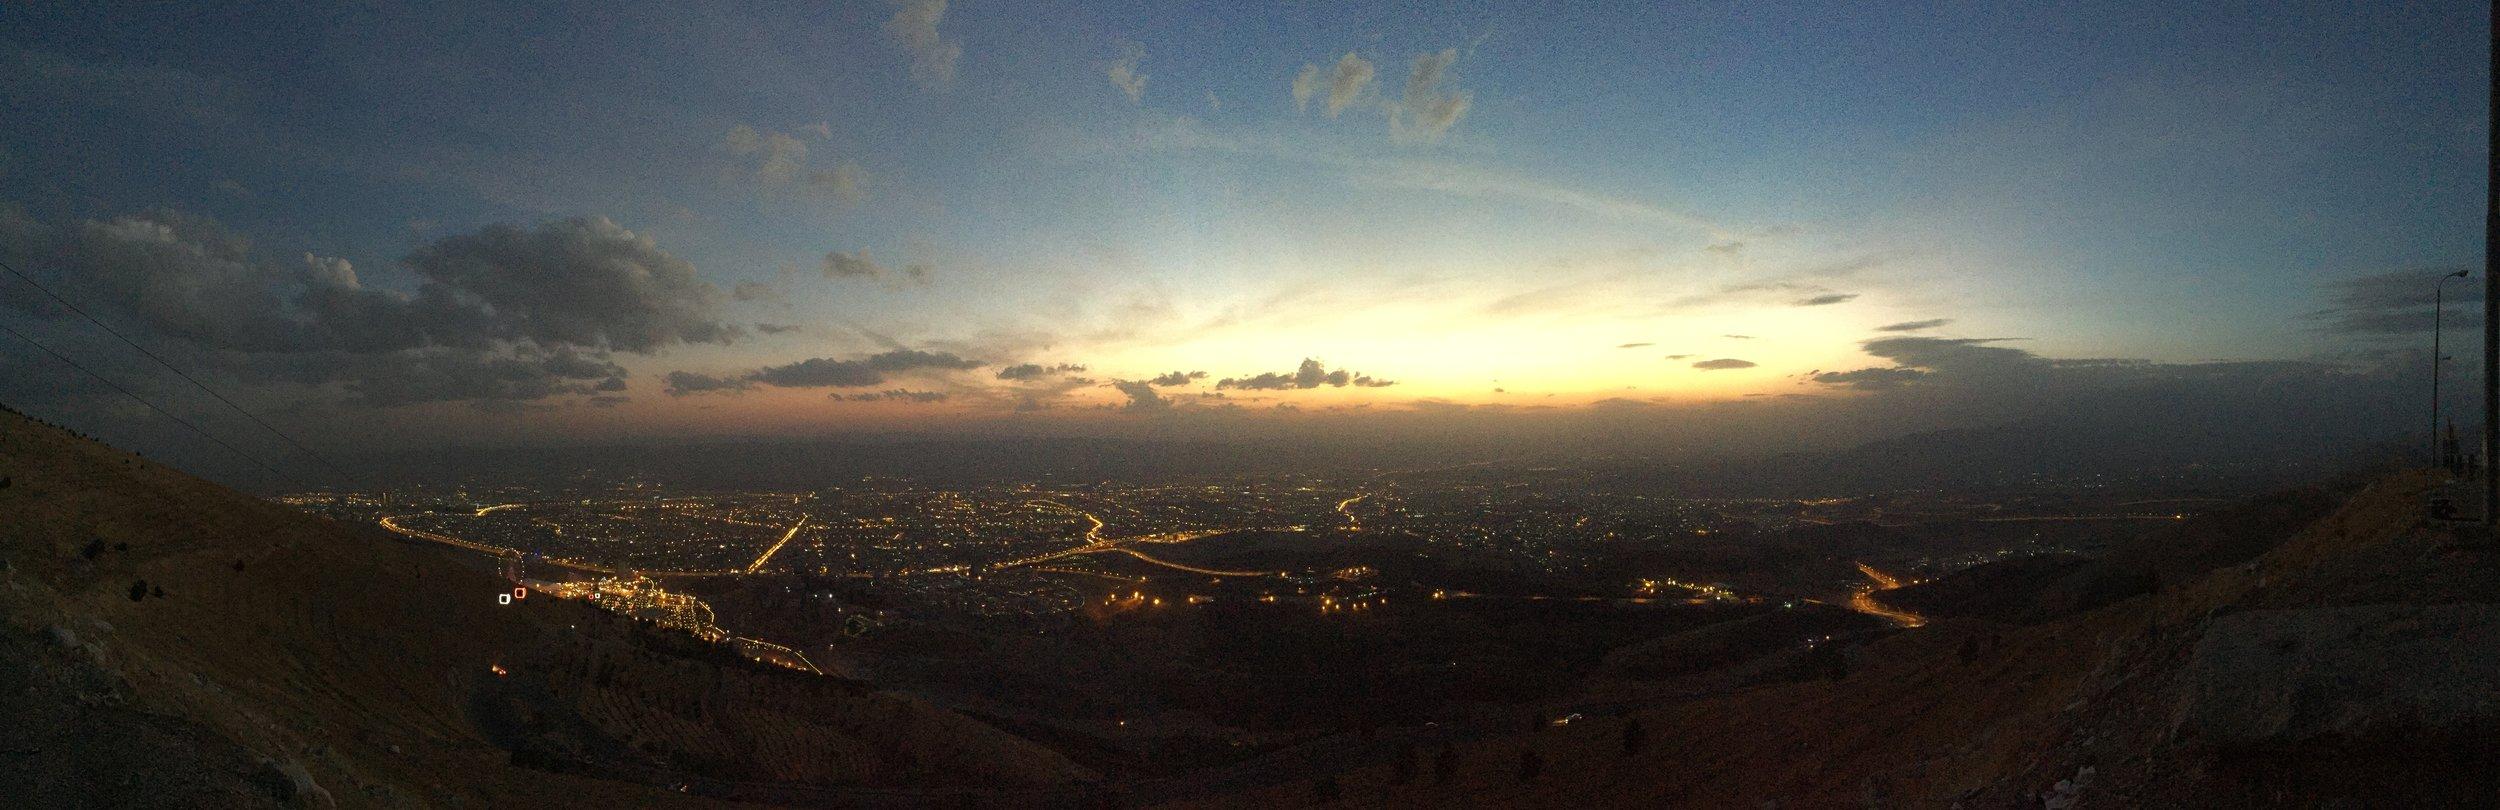 Sunset over Slemani, Iraqi Kurdistan.